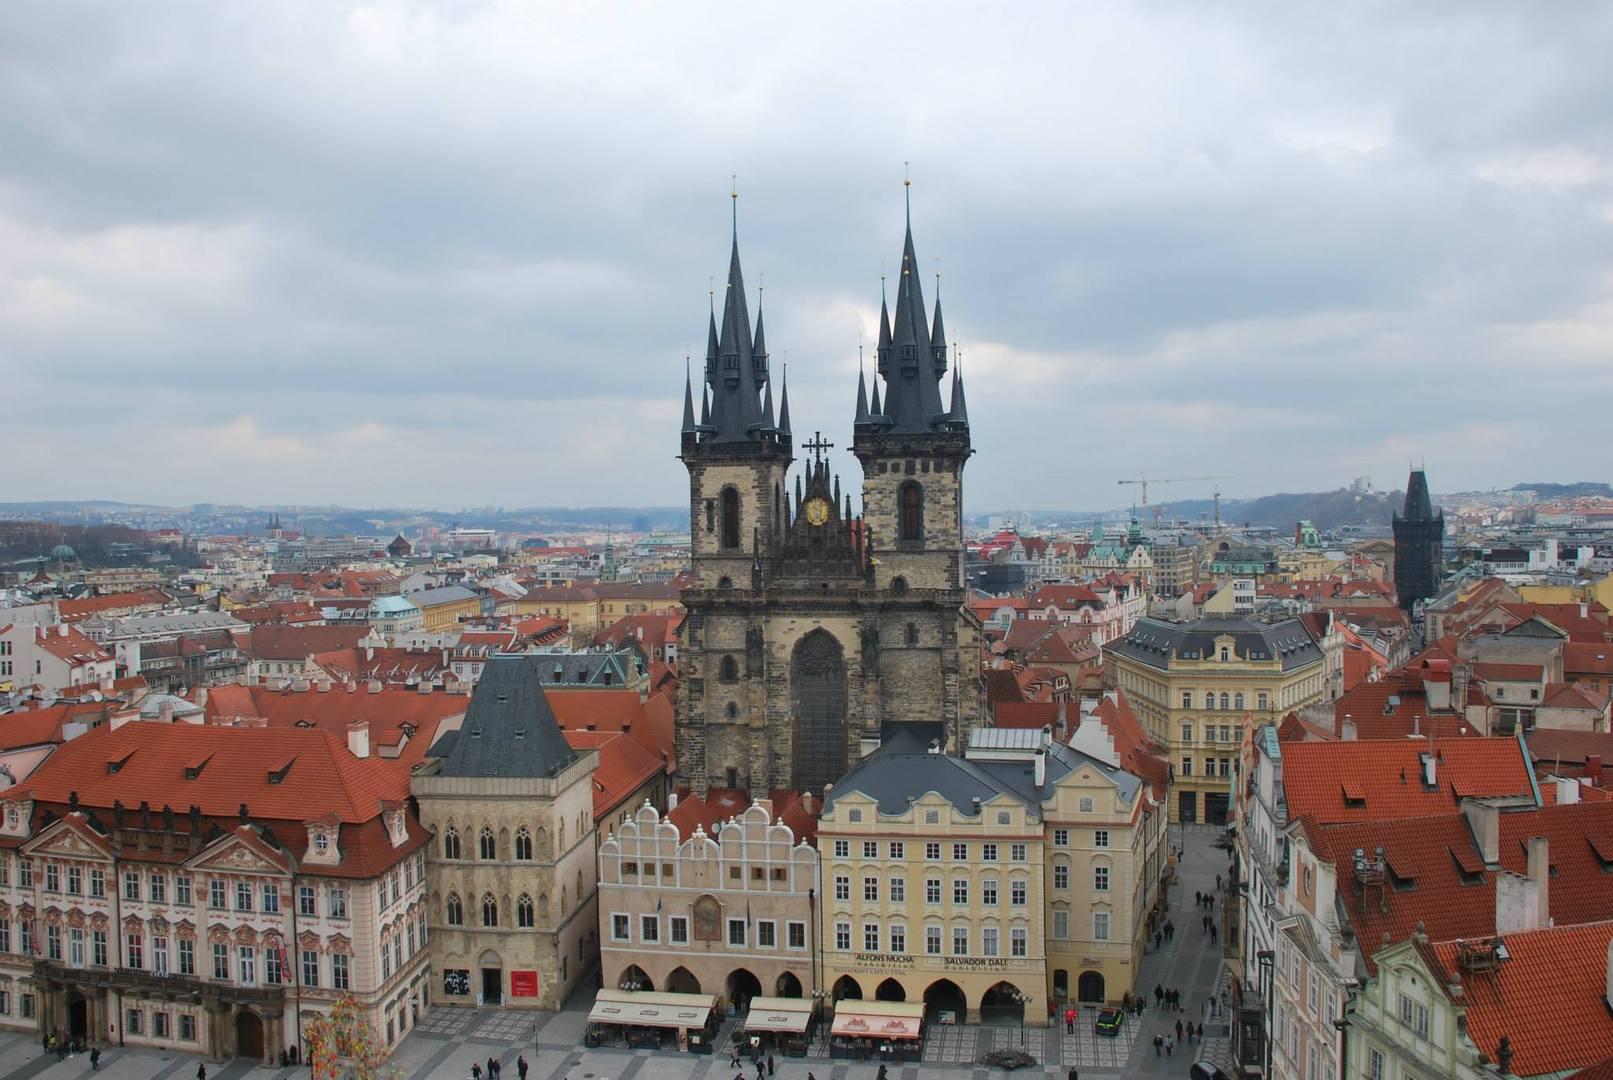 ככר העיר העתיקה בפראג